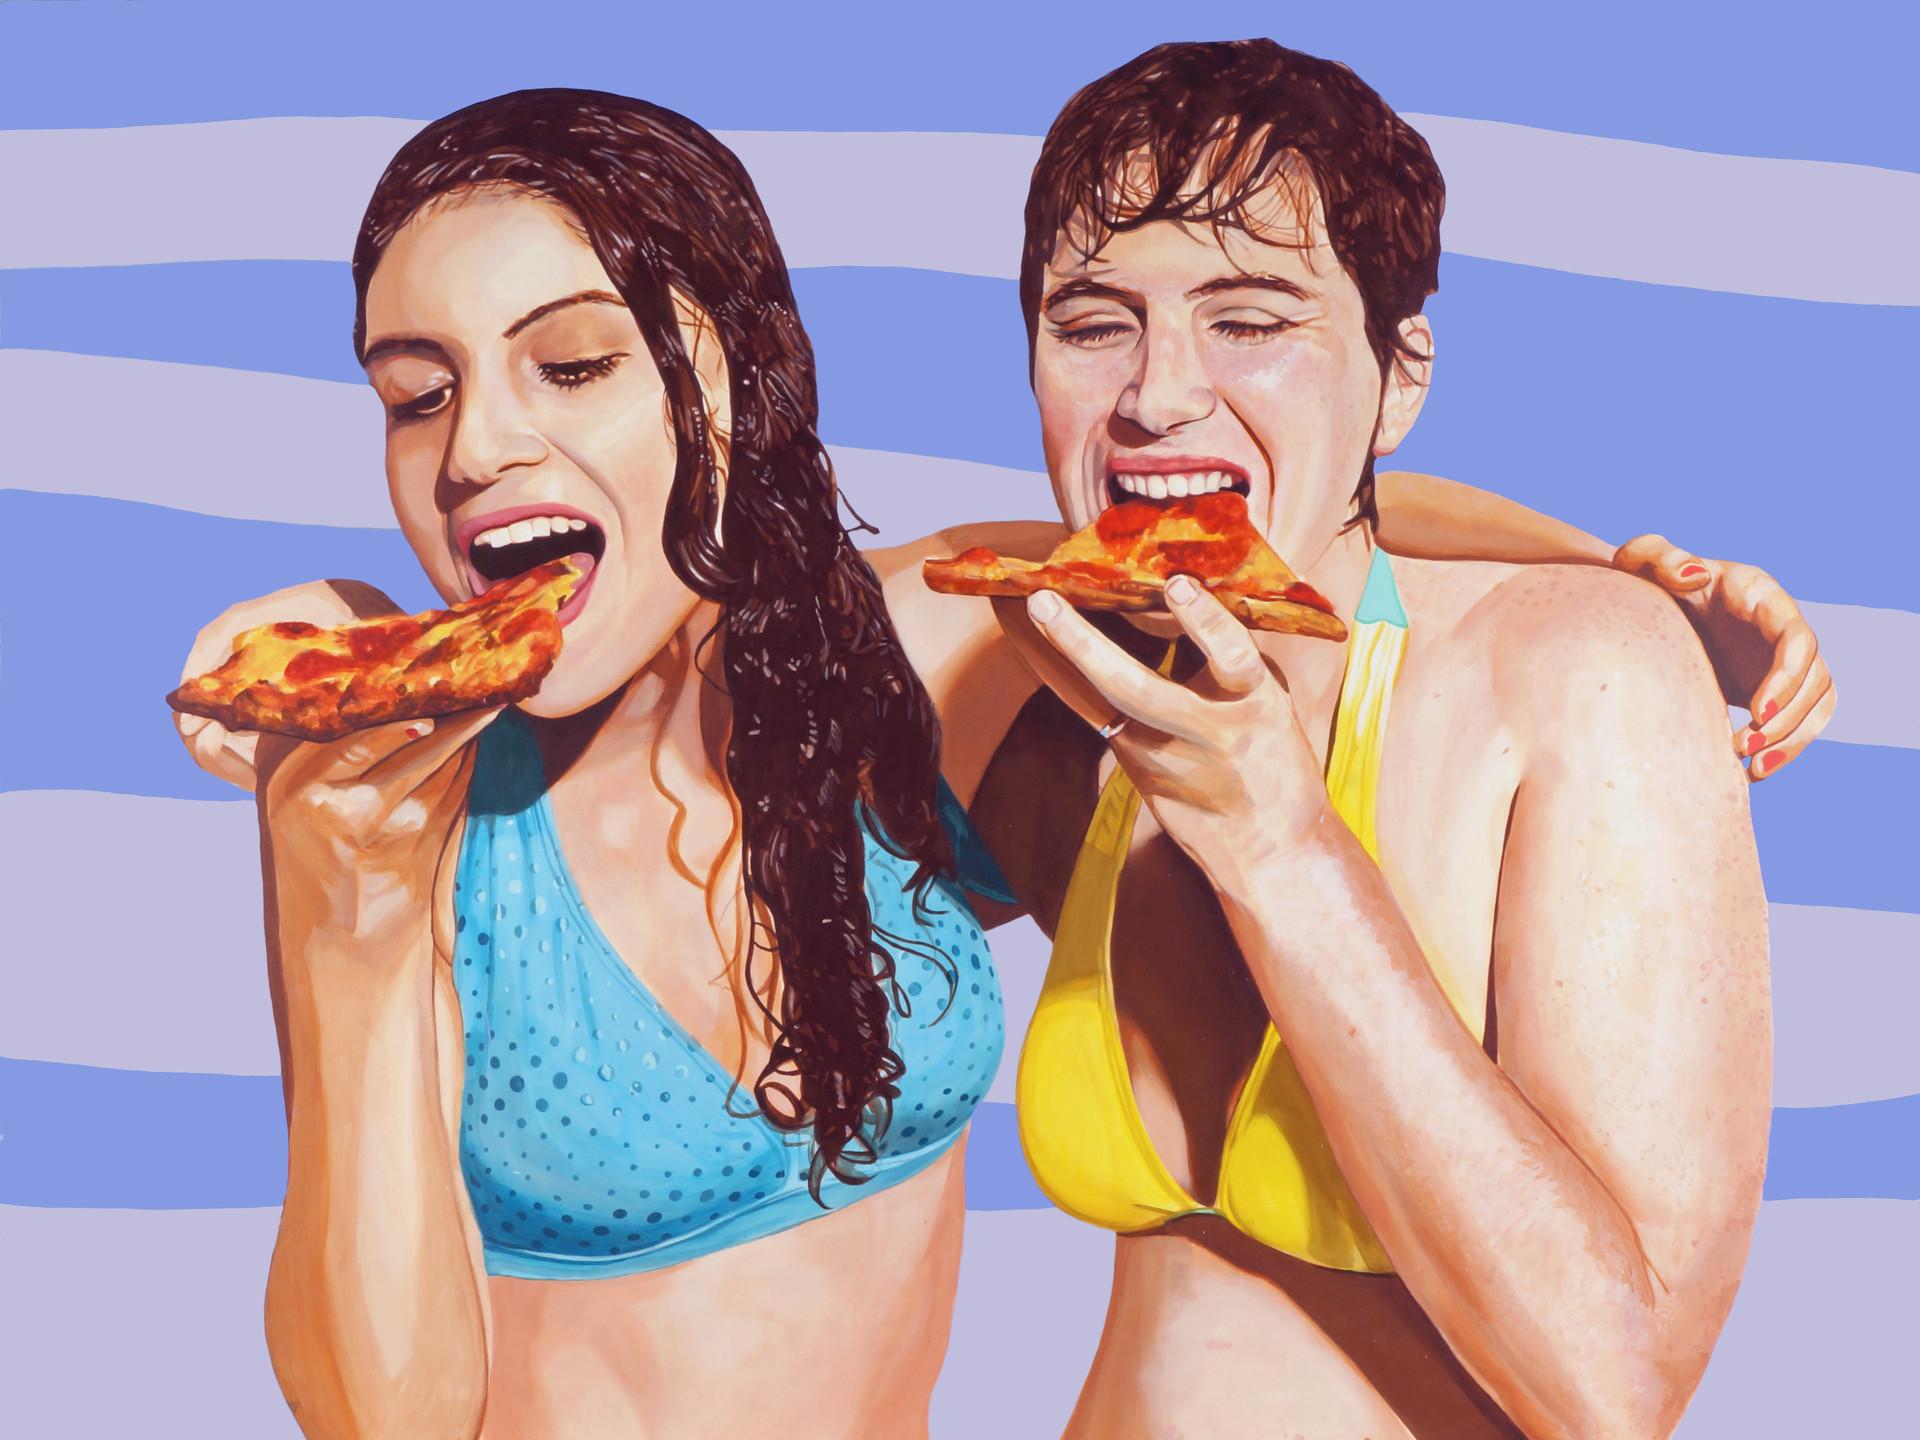 """María Raquel and Maya with Pizza No. 1, acrylic on canvas, 45"""" x 60"""", 2014"""